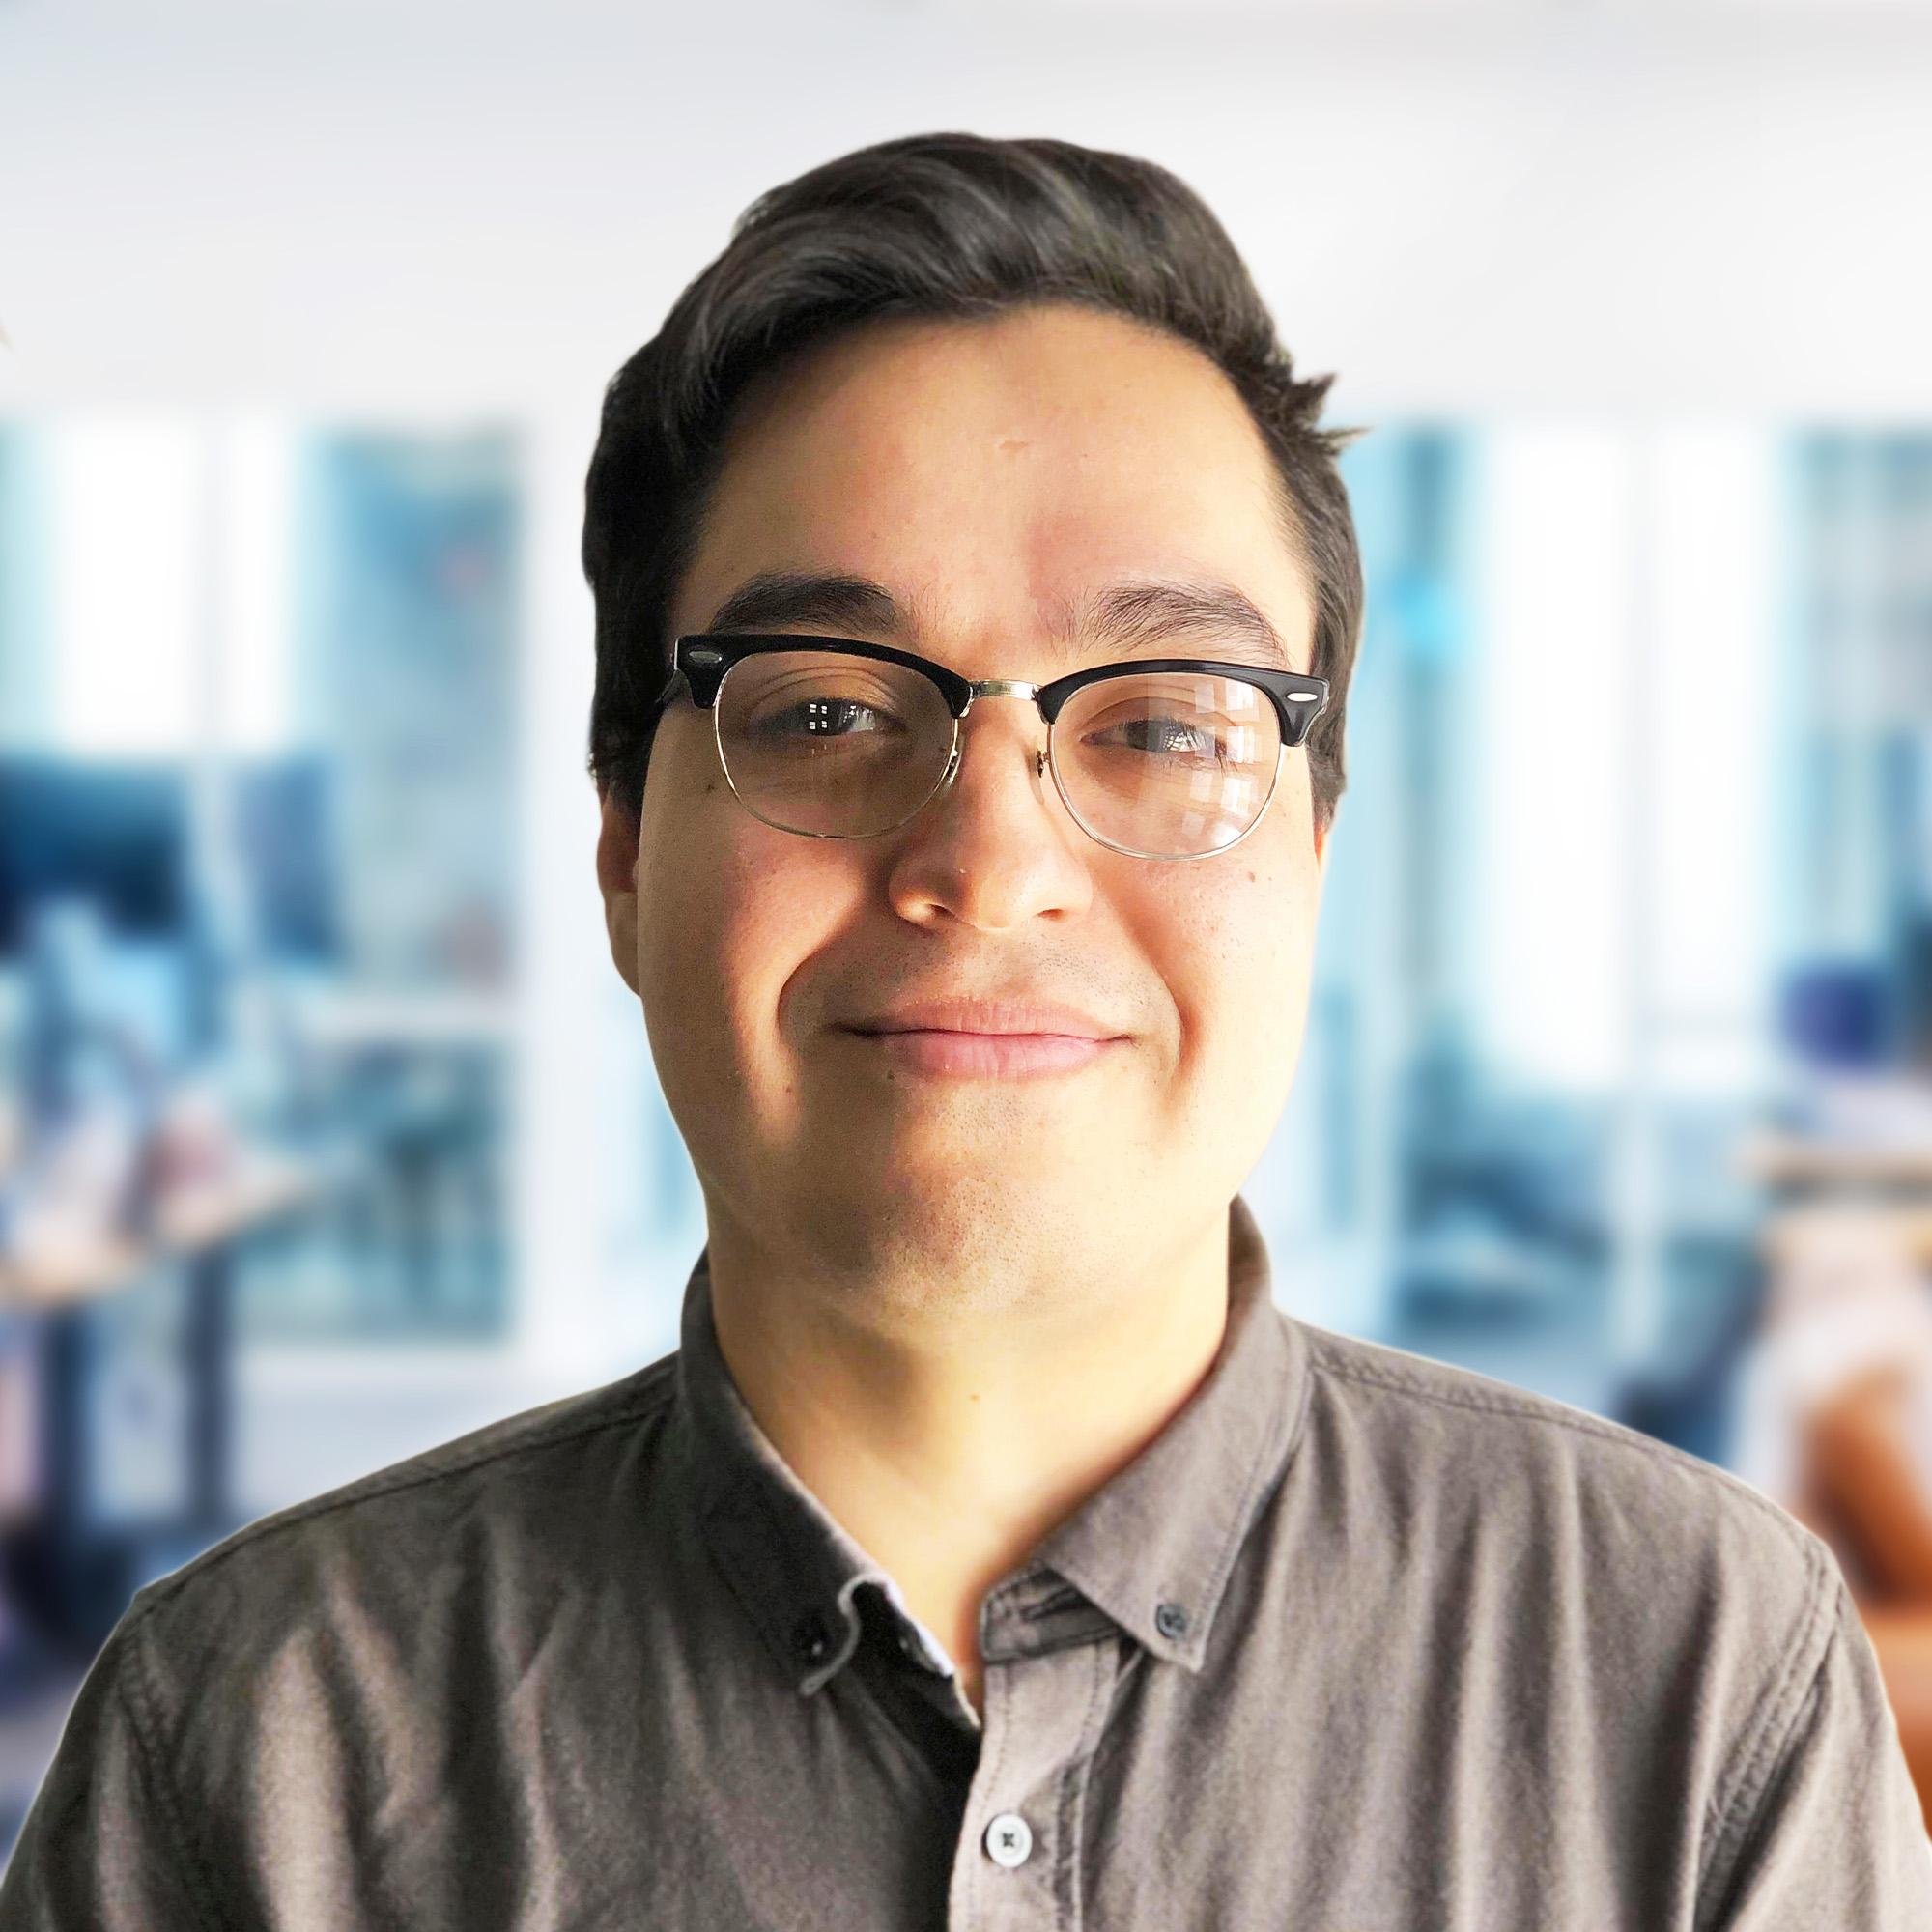 Jorge Almazan